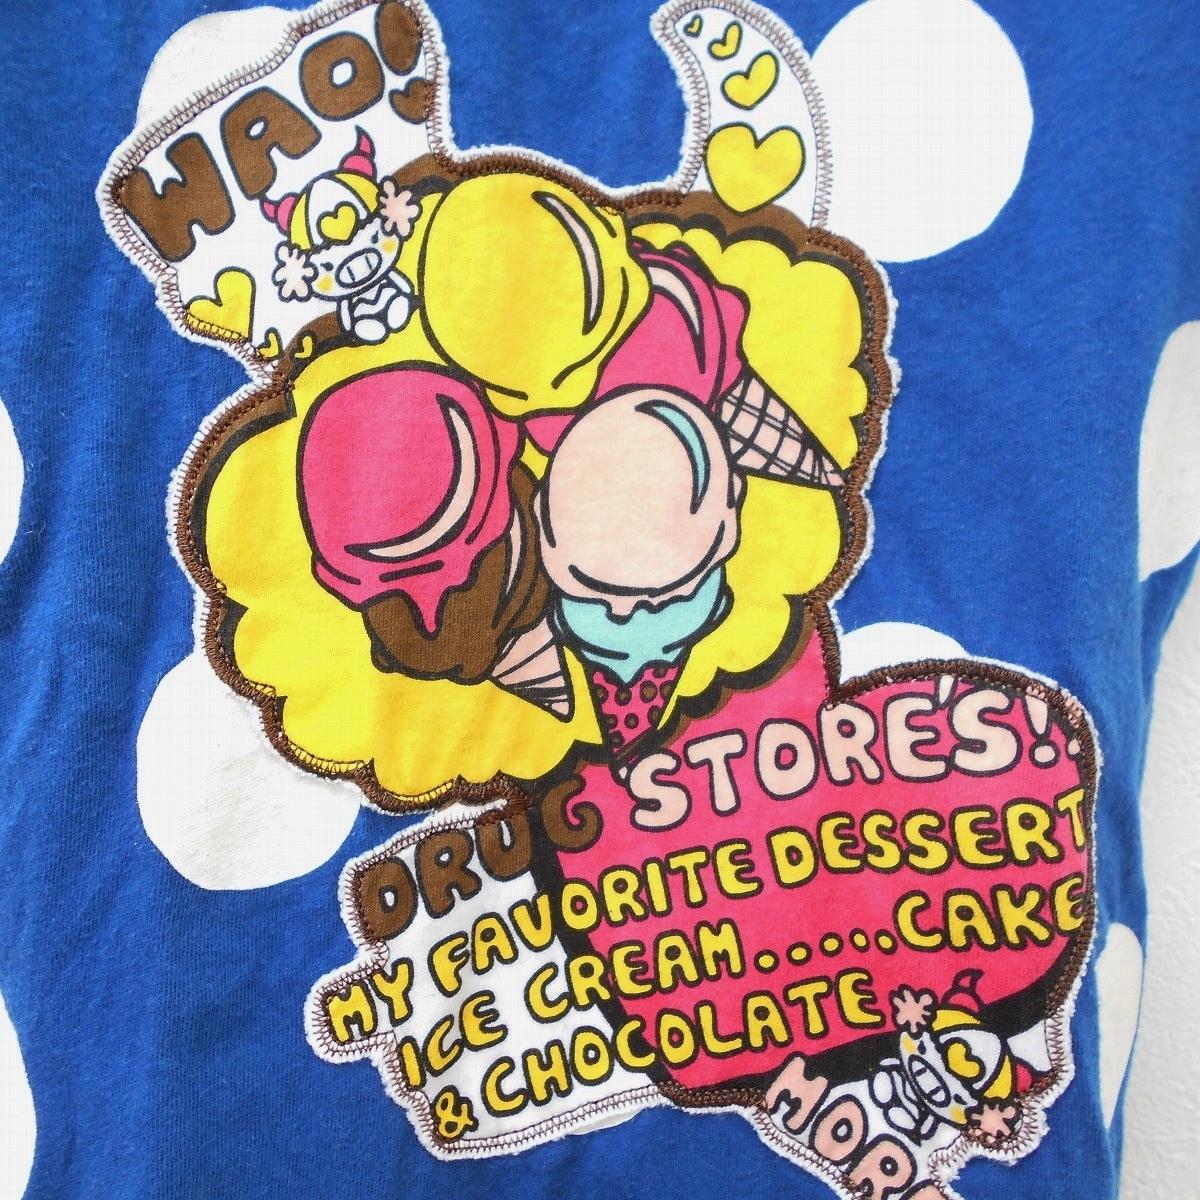 ドラッグストアーズ DRUG STORES キッズ 100cm 半袖 Tシャツ ブルー ドット プリント ワッペン トップス_画像3